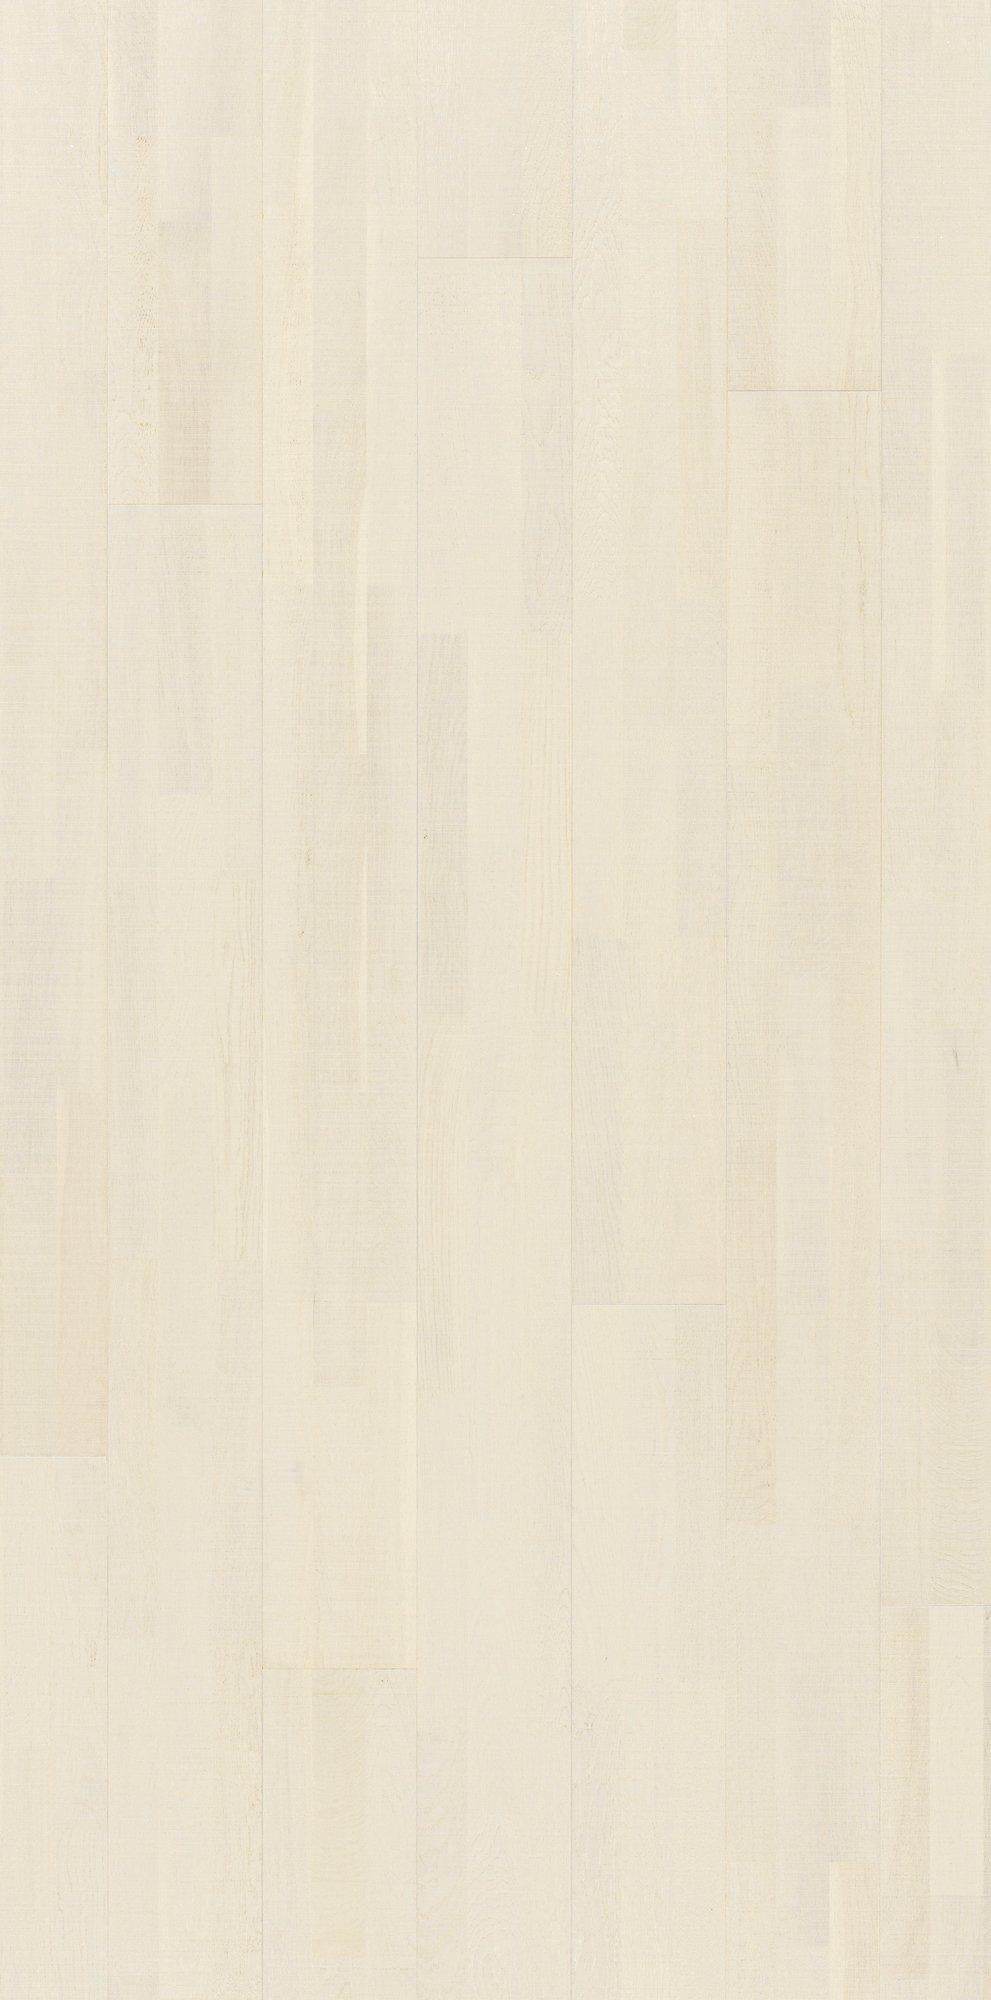 Parador Parket »Trendtime 6 Living - Oak parel«, 2200 x 185 mm, dikte: 13 mm, 3,66 m² online kopen op otto.nl